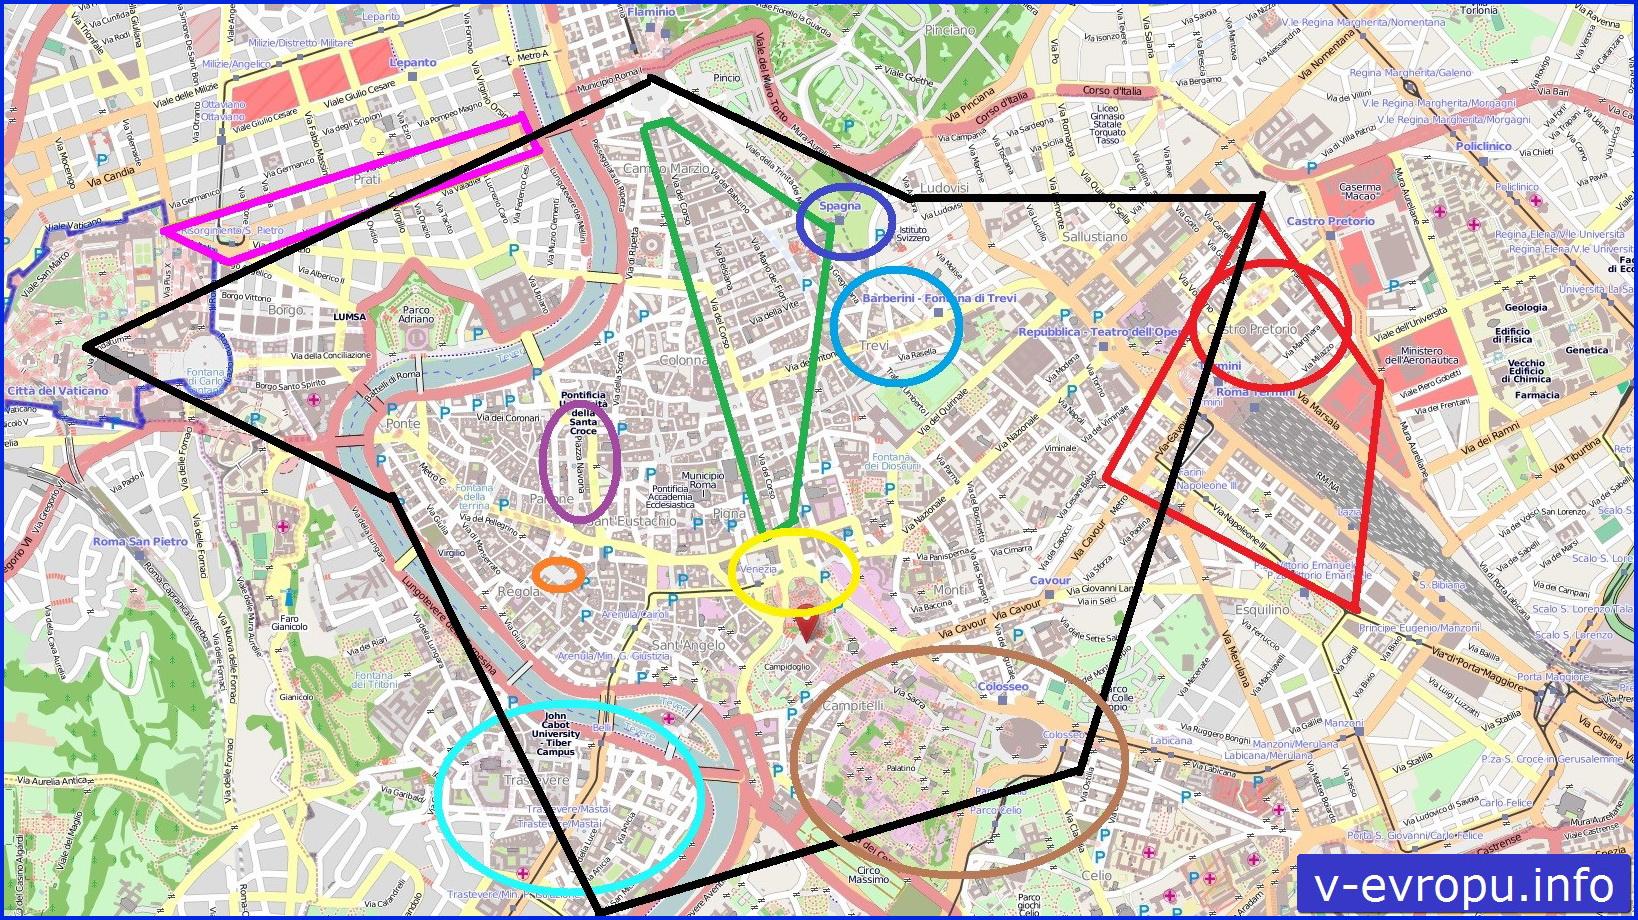 Рим для туристов: карта самых популярных районов города